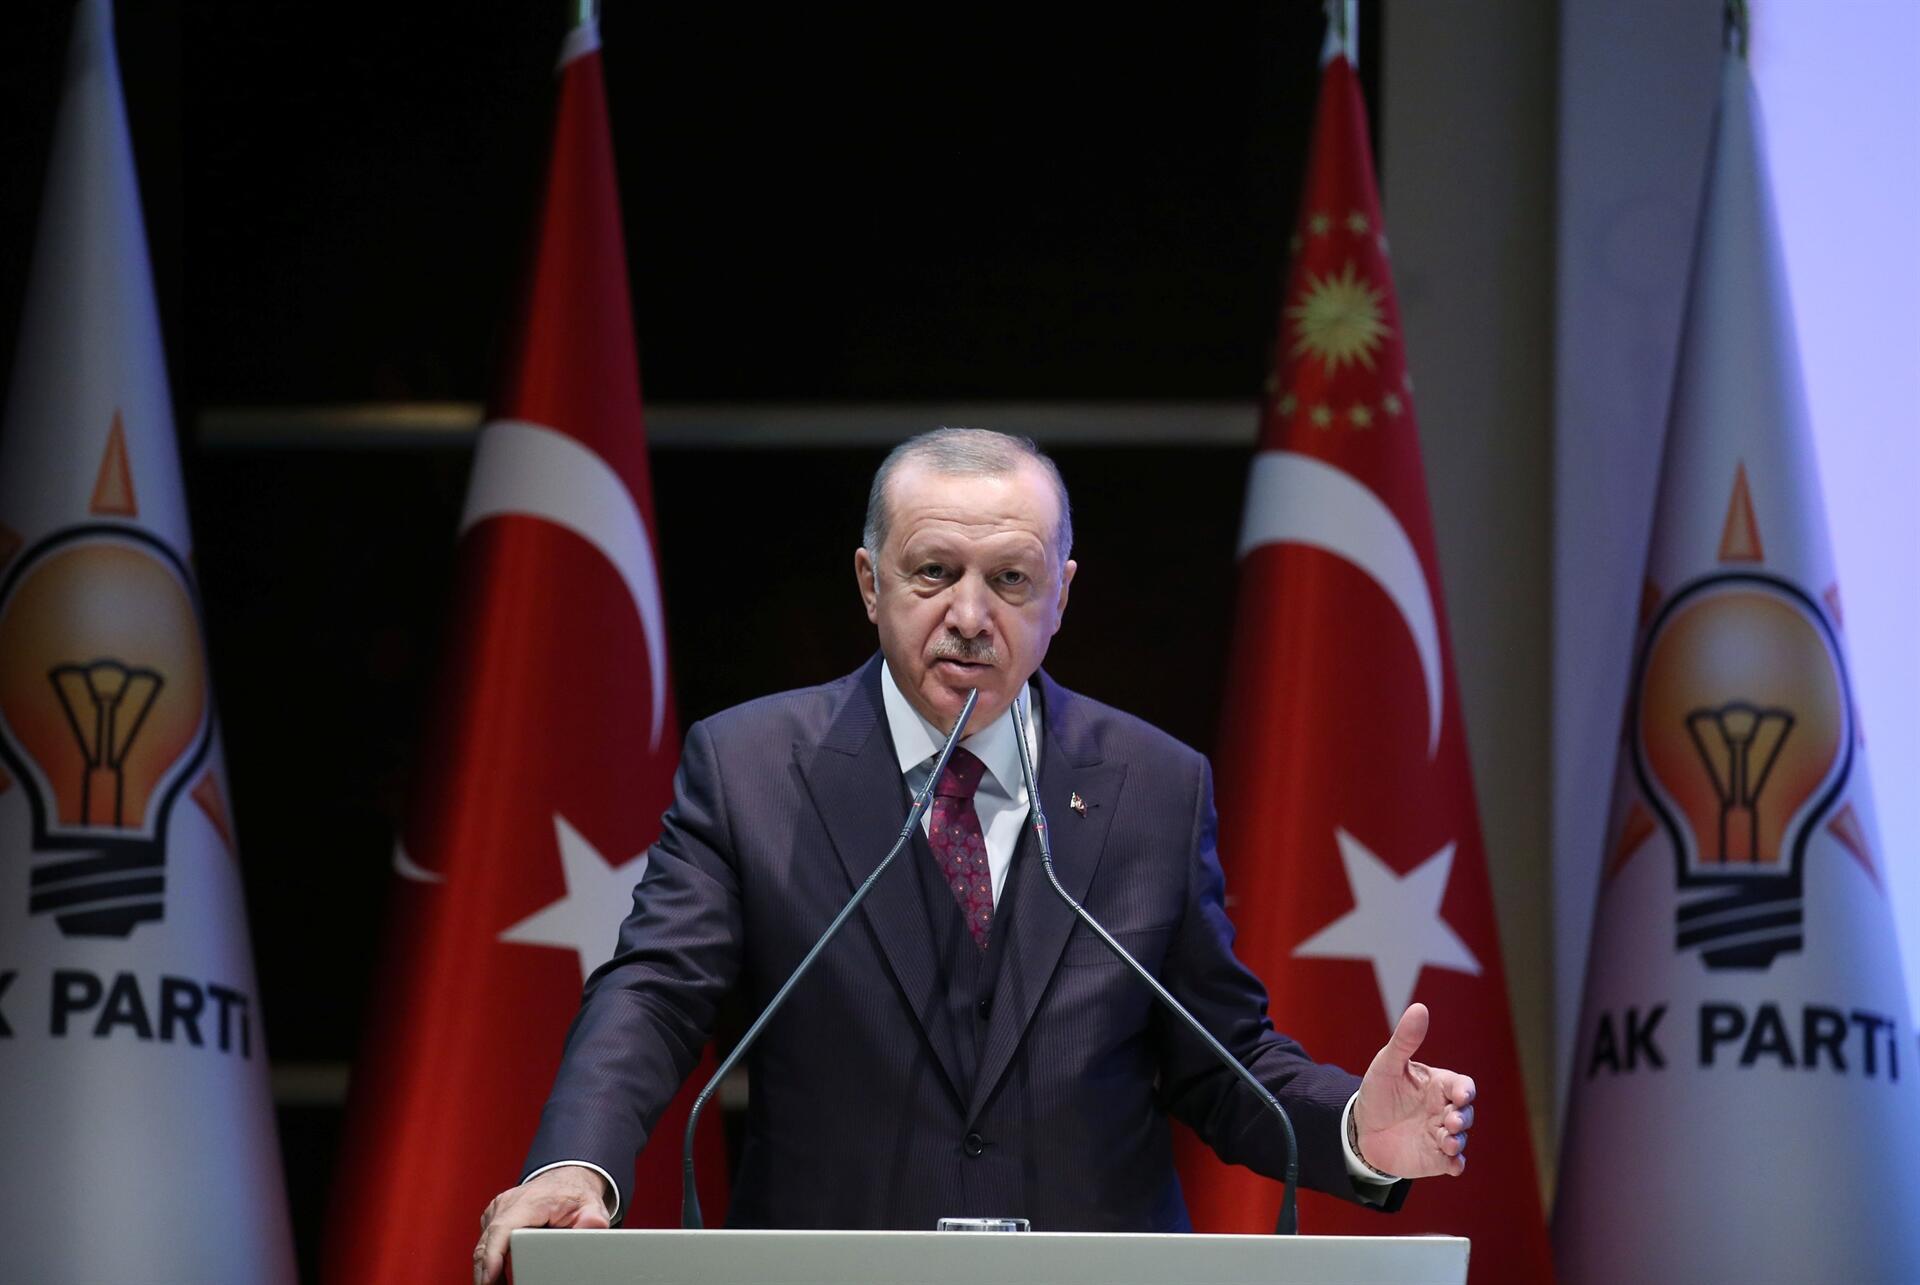 Ердоған: Түркияның лаңкес мемлекетті тоқтатқысы келеді - на politic.bugin.kz